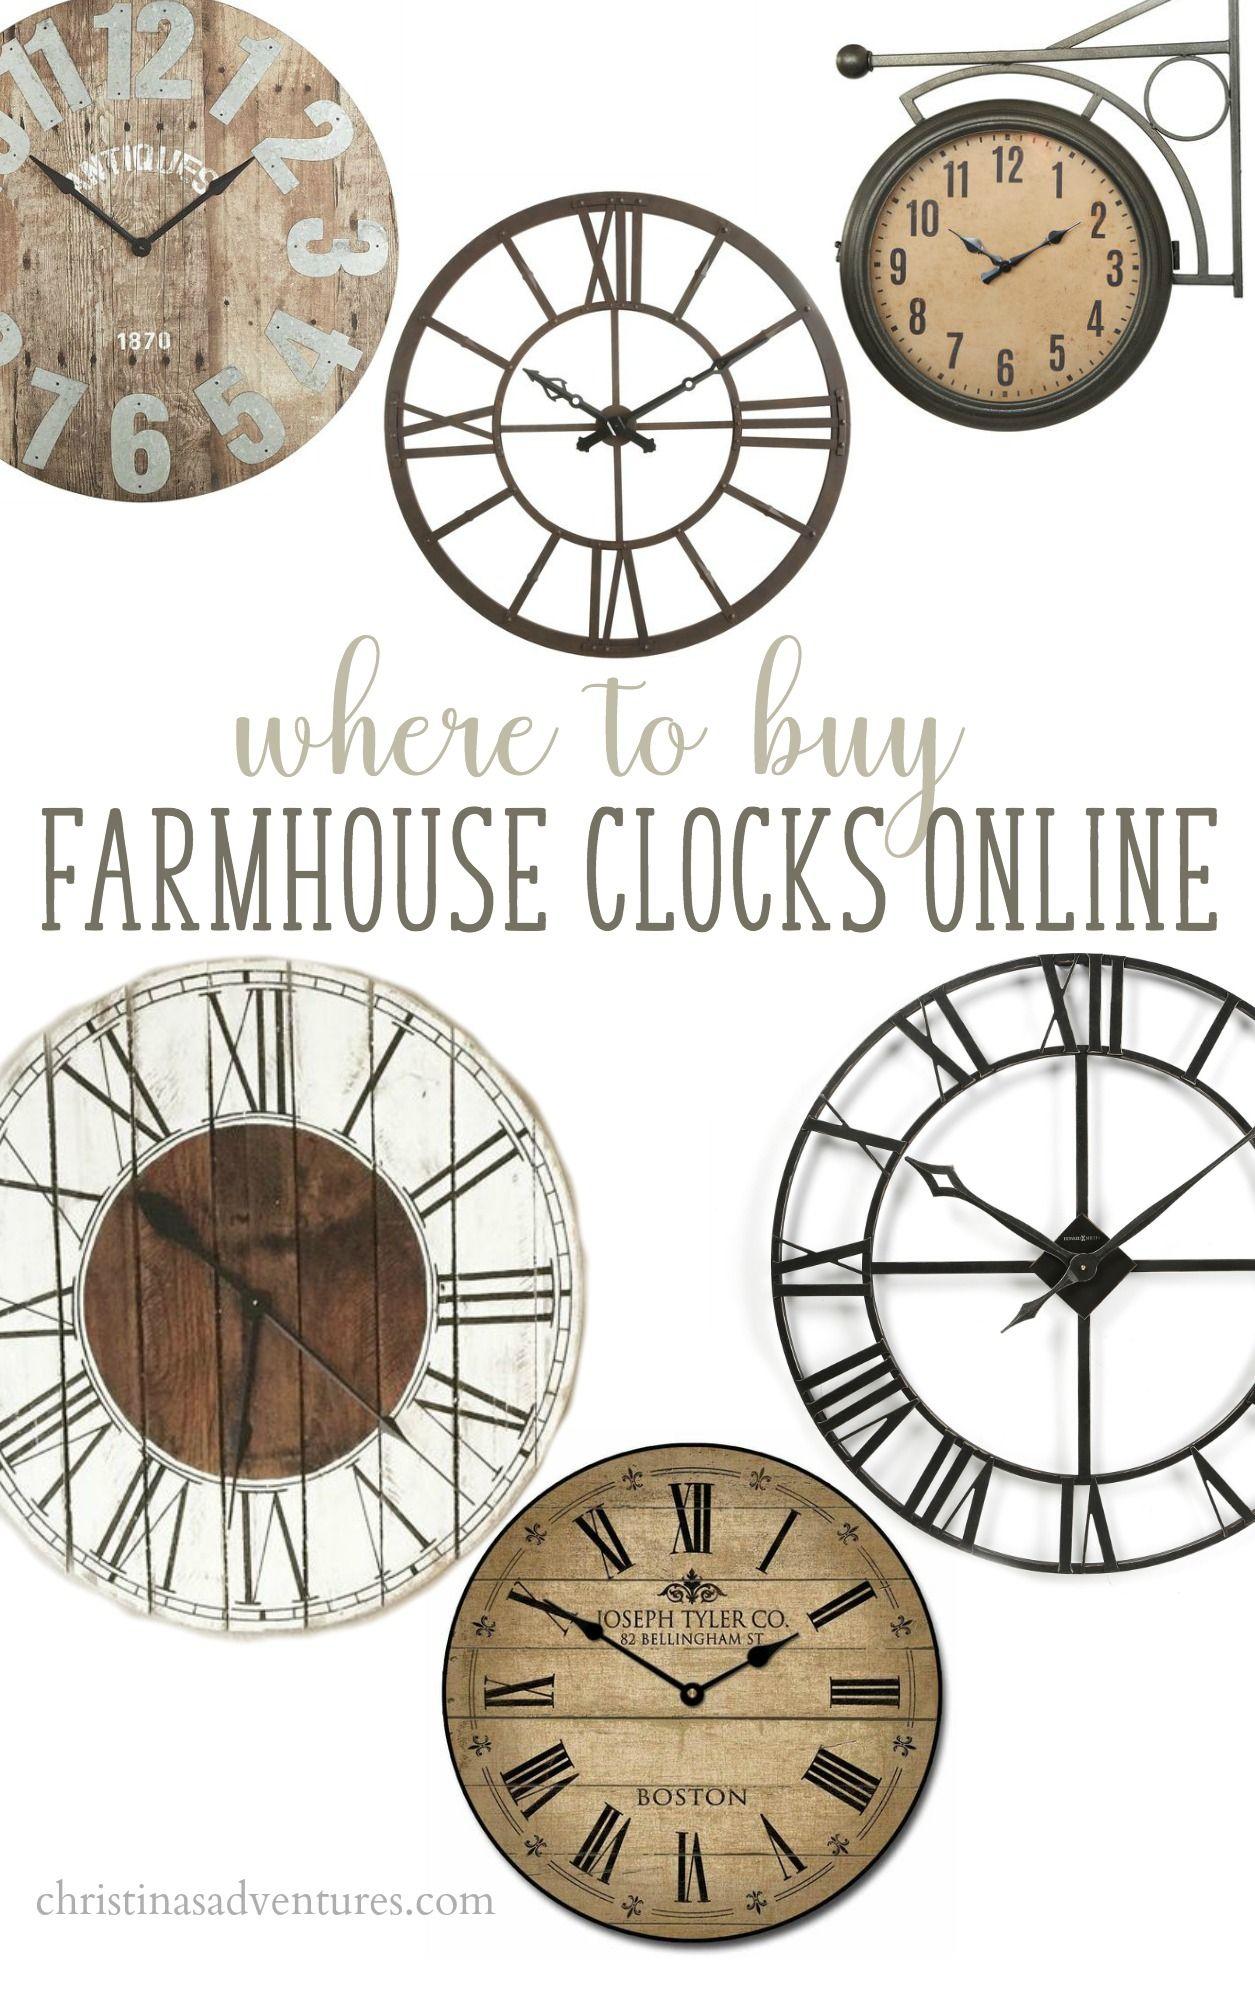 Where To Buy Farmhouse Wall Clocks Farmhouse Wall Clocks Wall